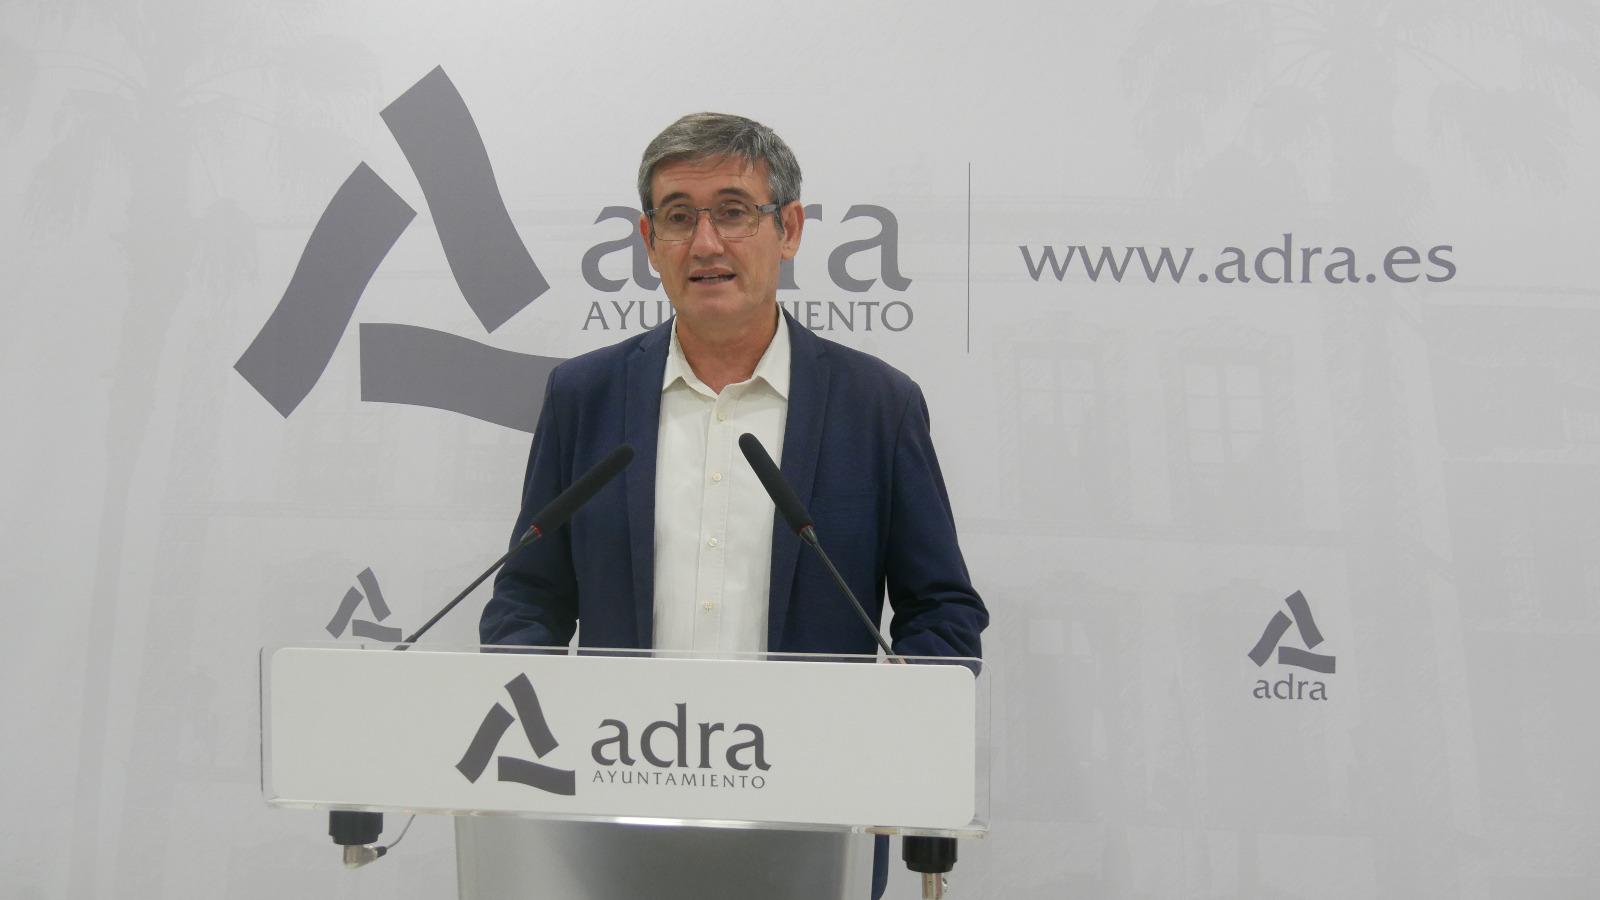 201125 Manuel Cortés celebra la adjudicación de la segunda fase de limpieza del Río Adra